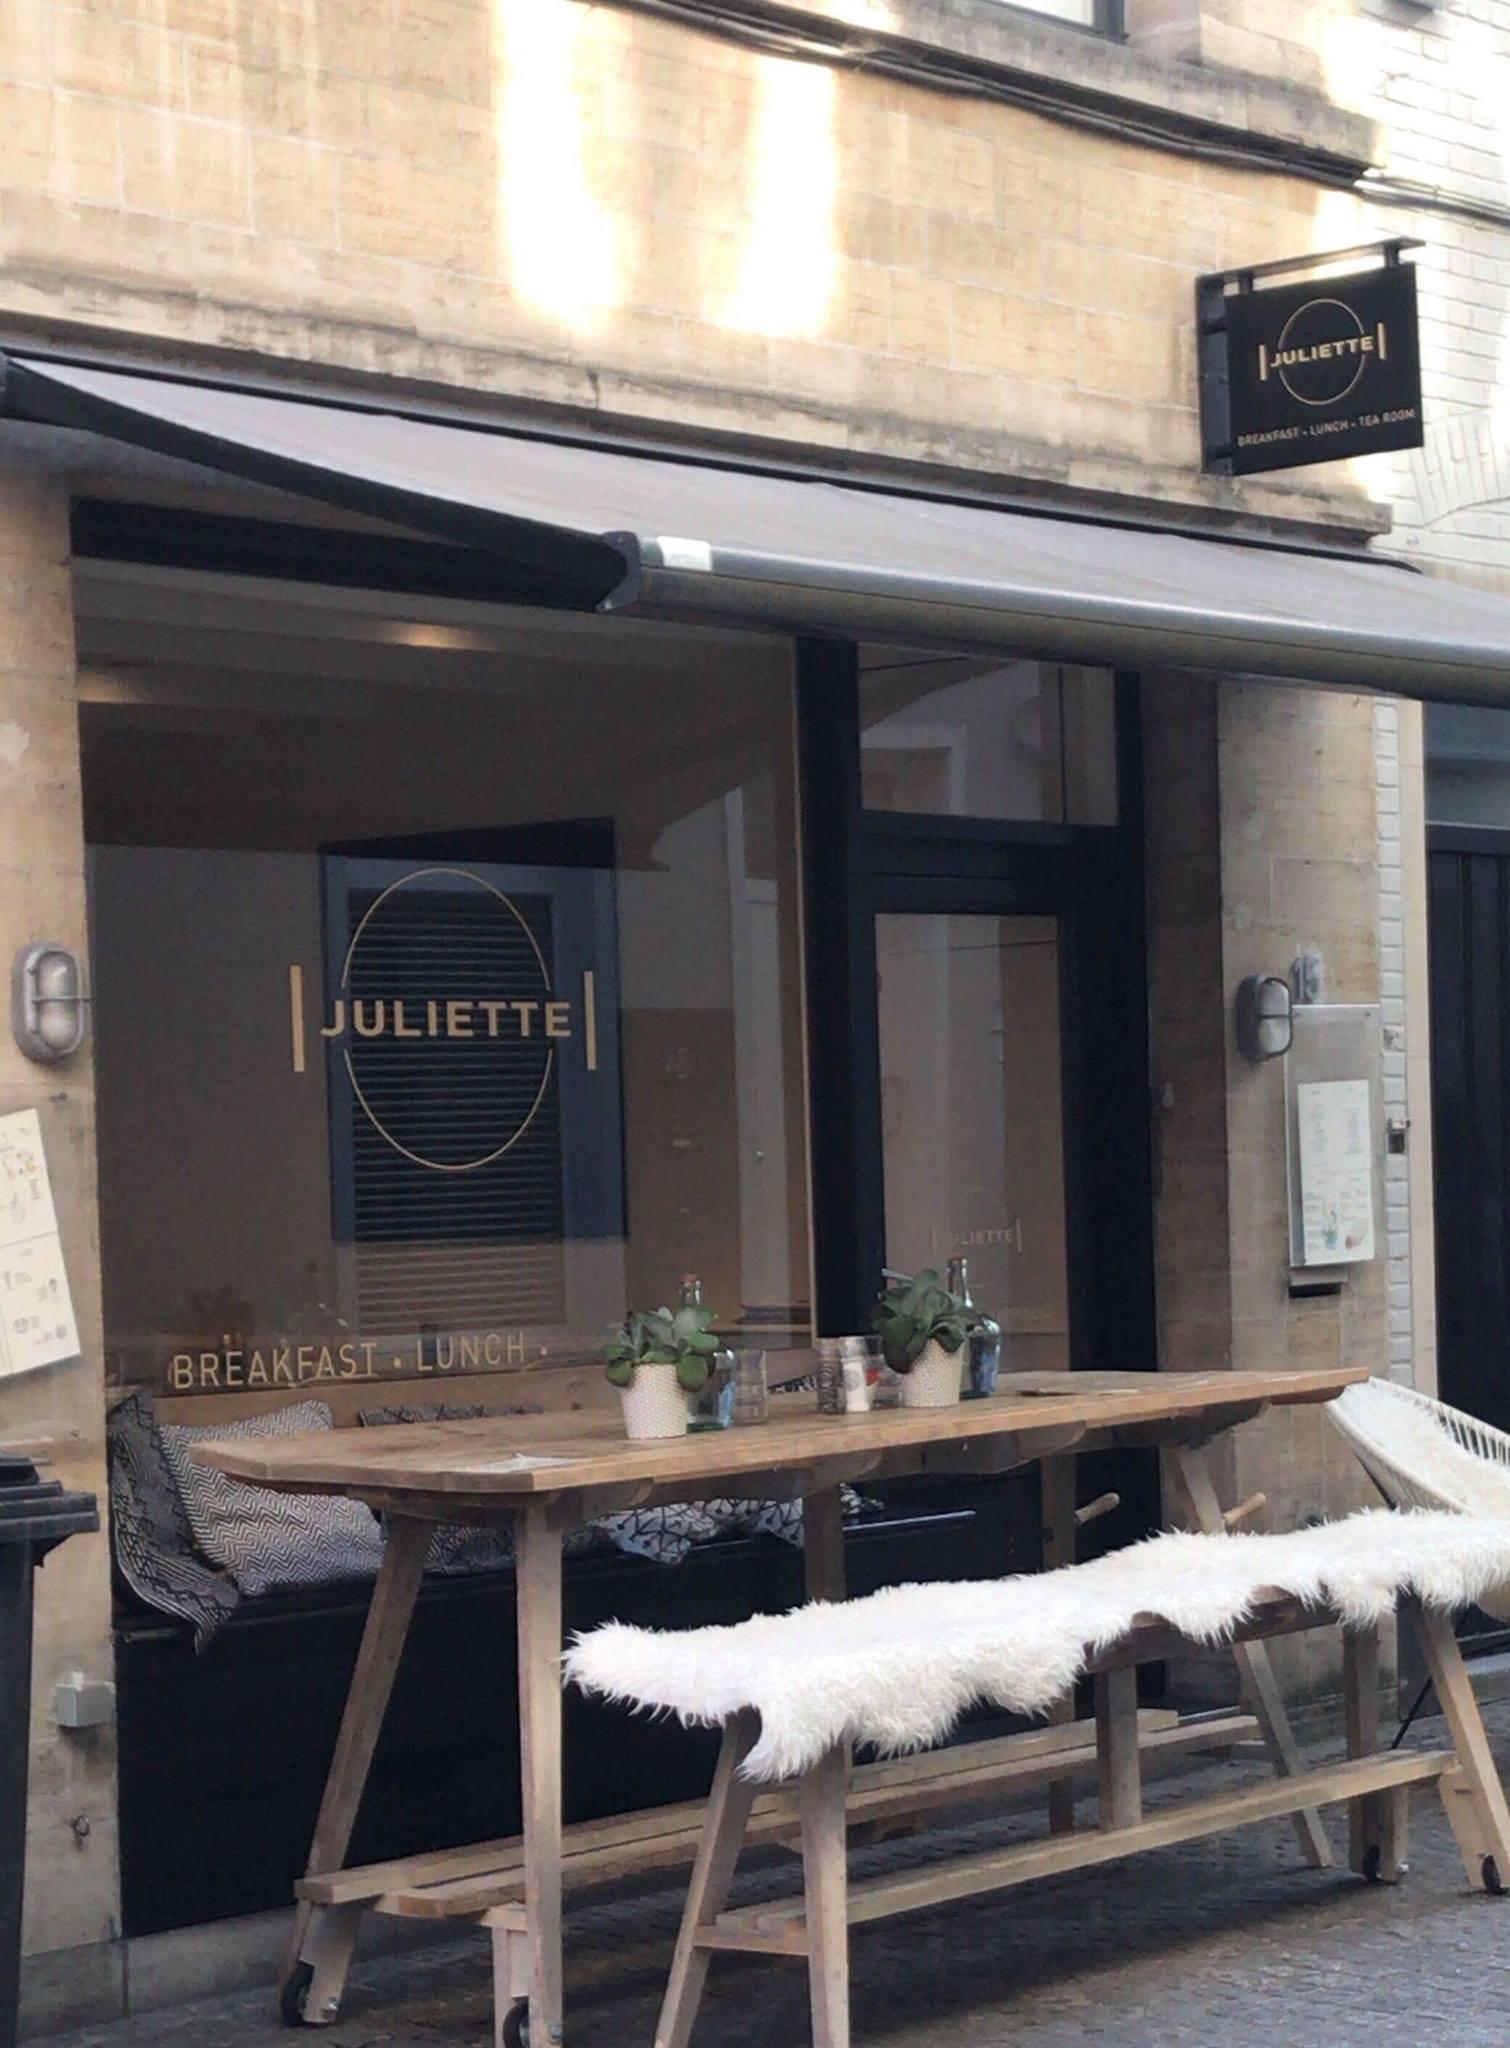 Juliette Brugge